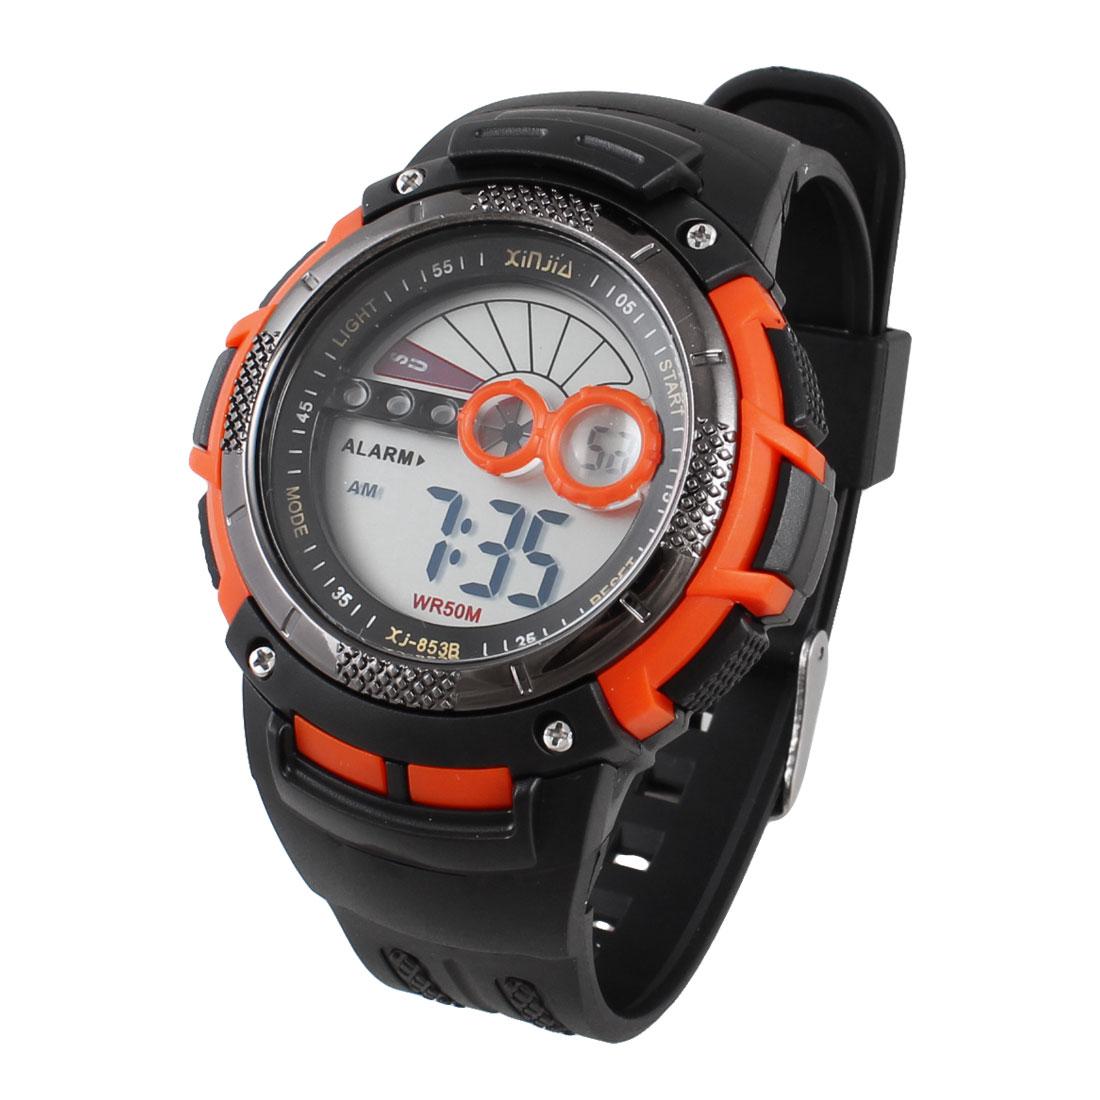 Men Adjustable Watchband Round Orange Red Case Backlight Alarm Sports Watch